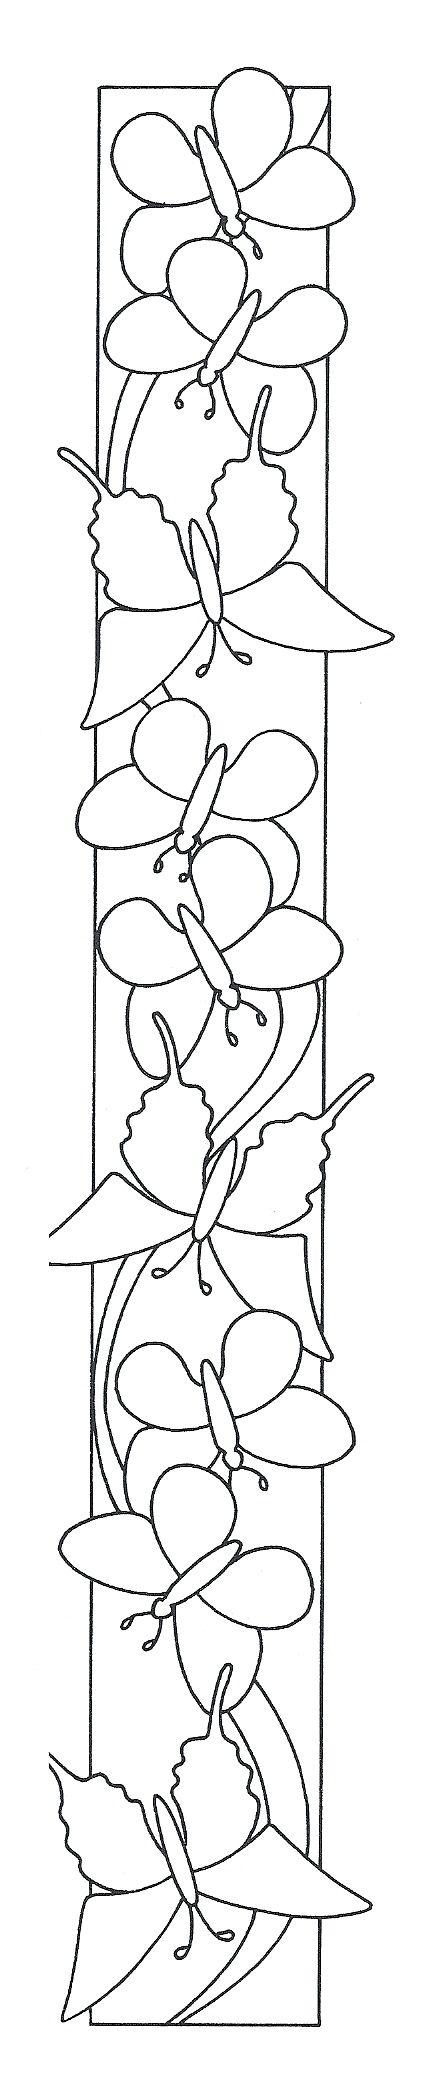 Pin von Evita Chiri auf bordes | Pinterest | Schmetterlinge ...